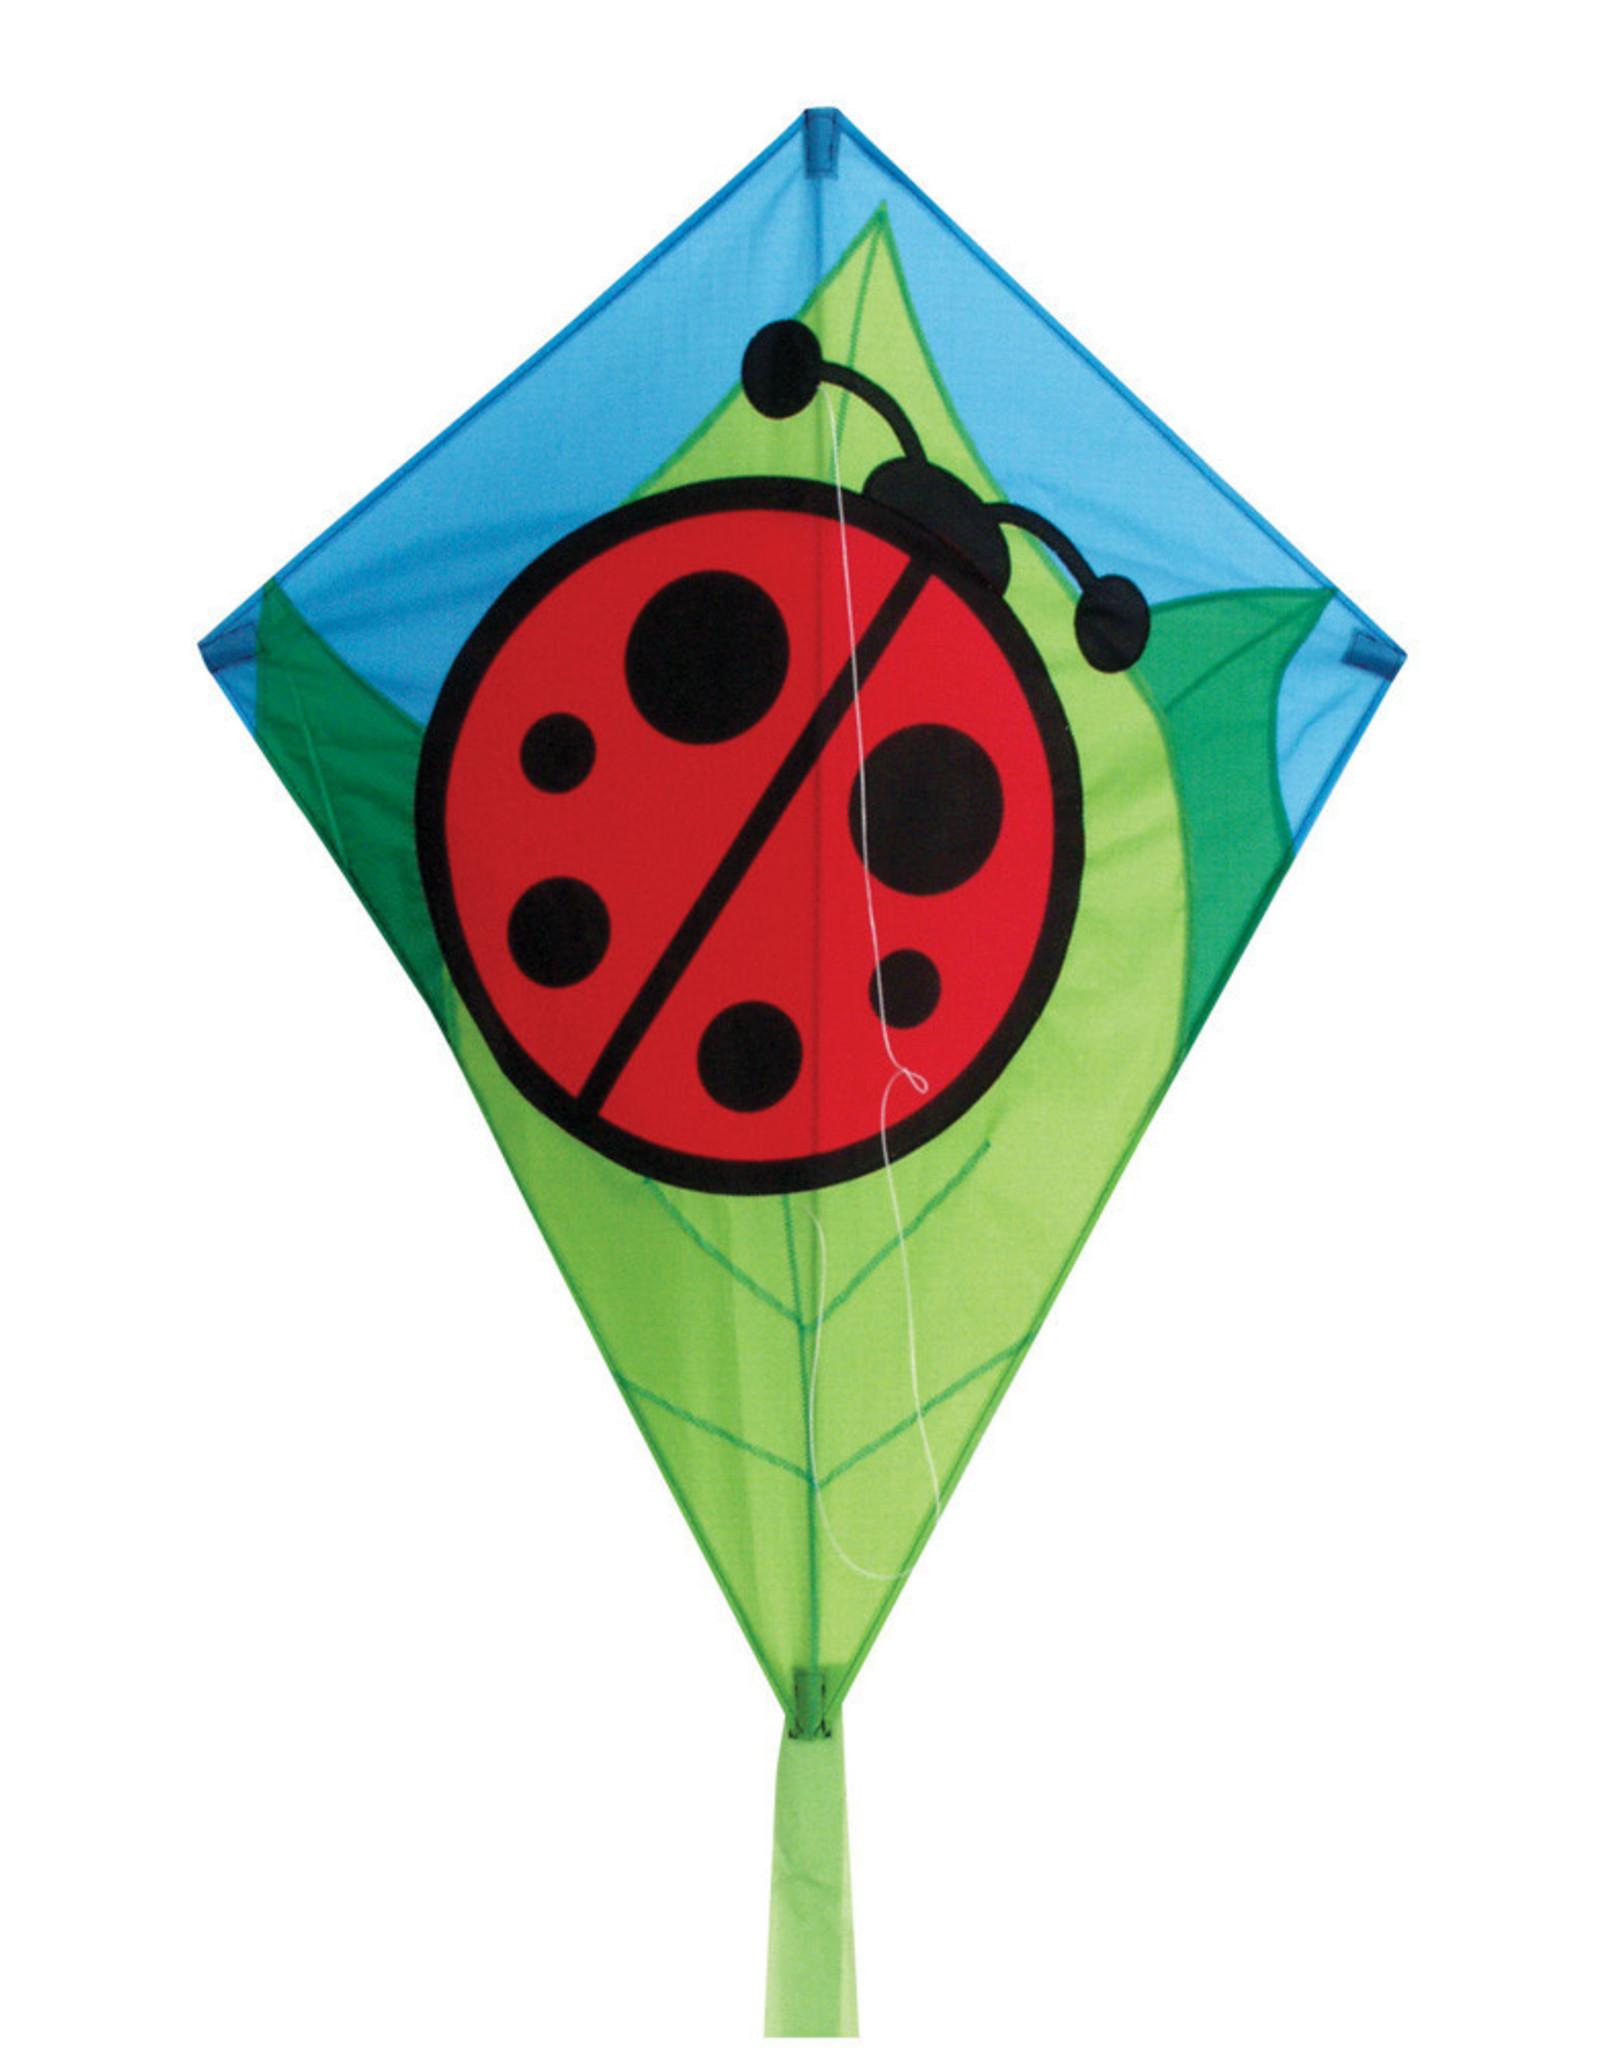 Skydog Kites 26'' LADY BUG DIAMOND KITE